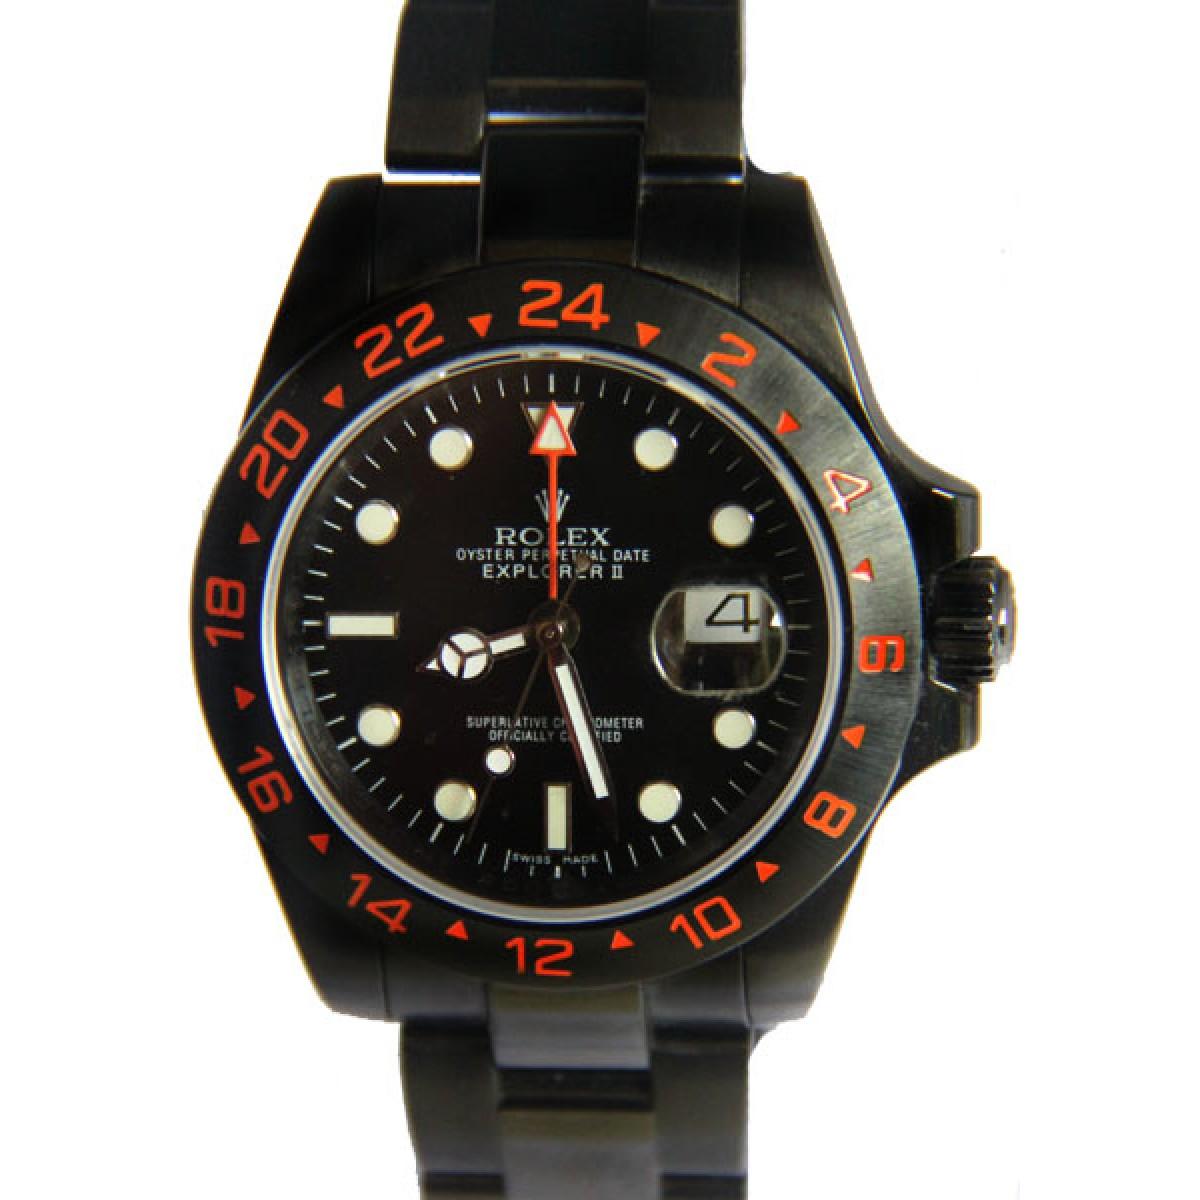 053a6b4991c Relógio Réplica Rolex Explorer 2